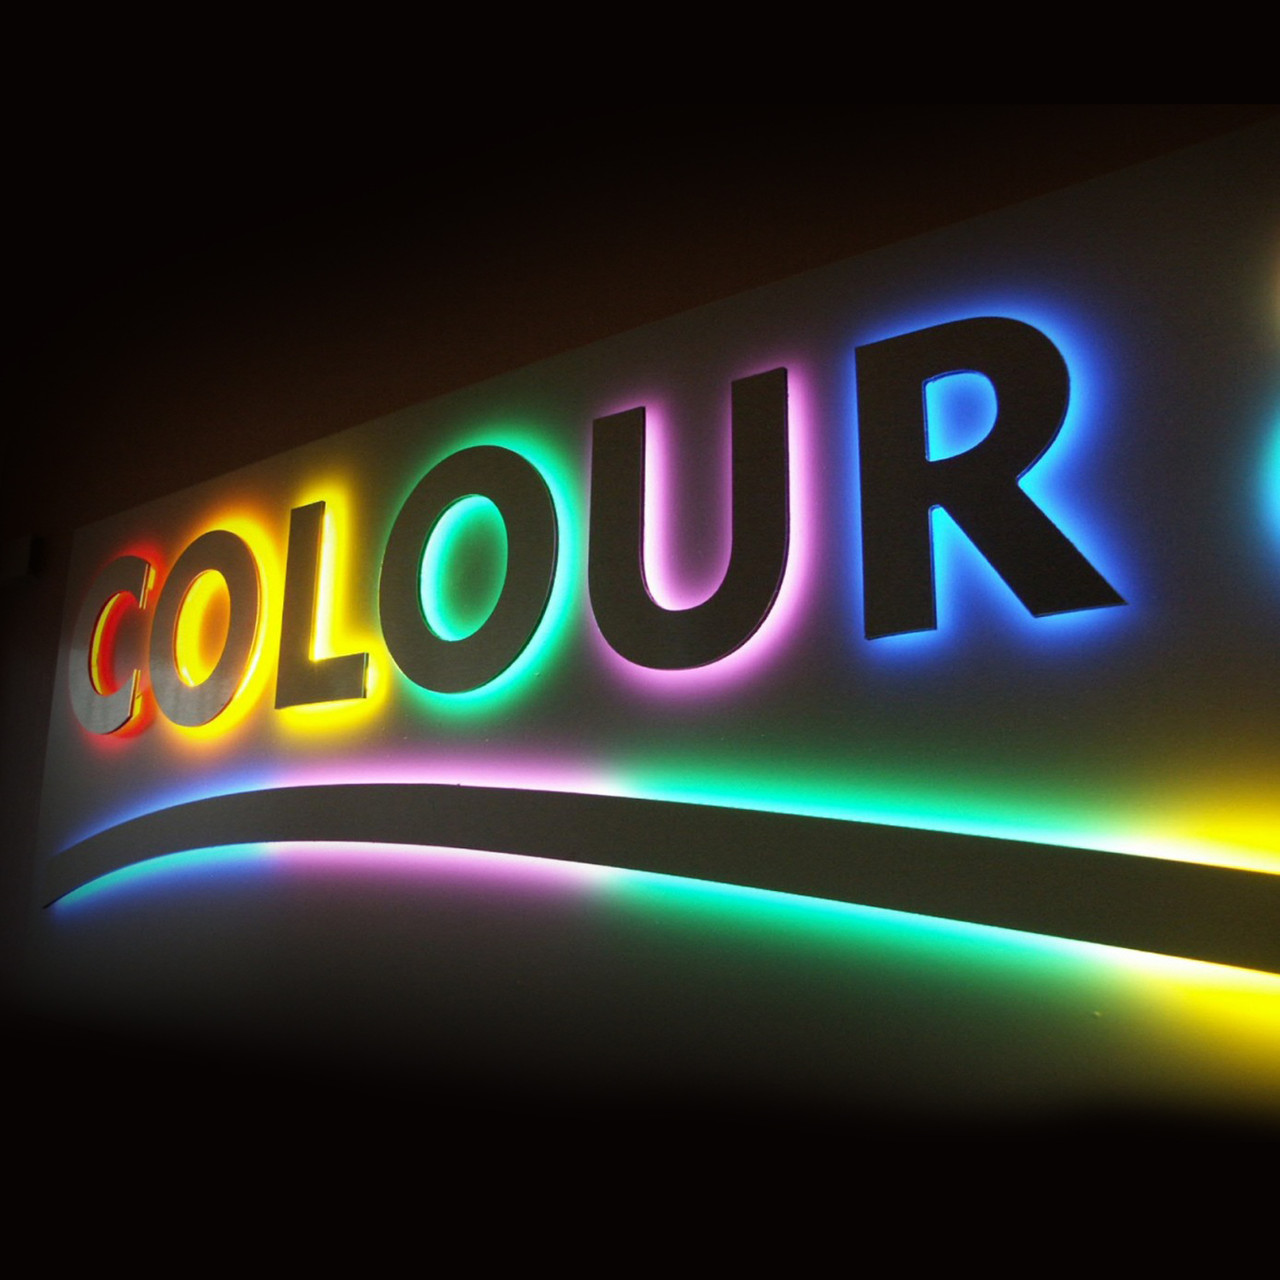 Псевдообъемные буквы с разноцветной контражурной подсветкой.